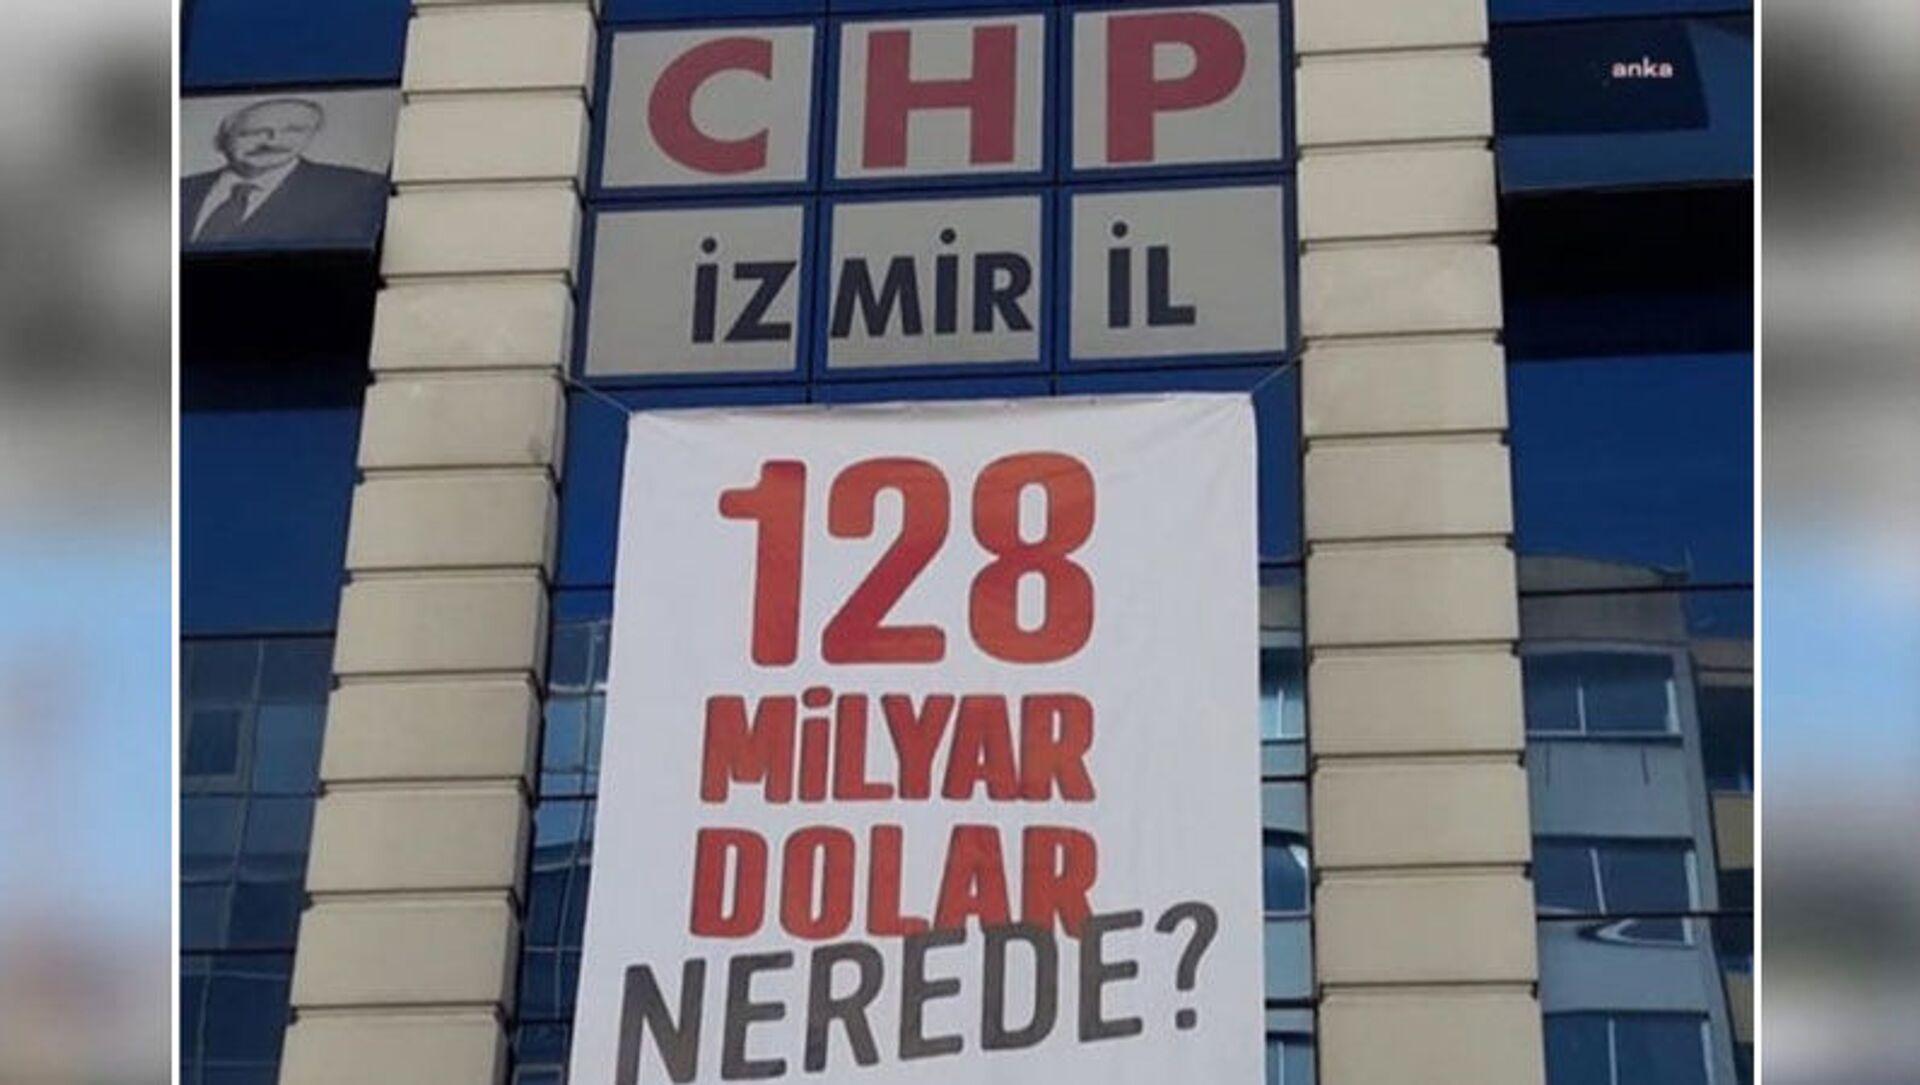 128 milyar dolar nerede - Sputnik Türkiye, 1920, 29.07.2021